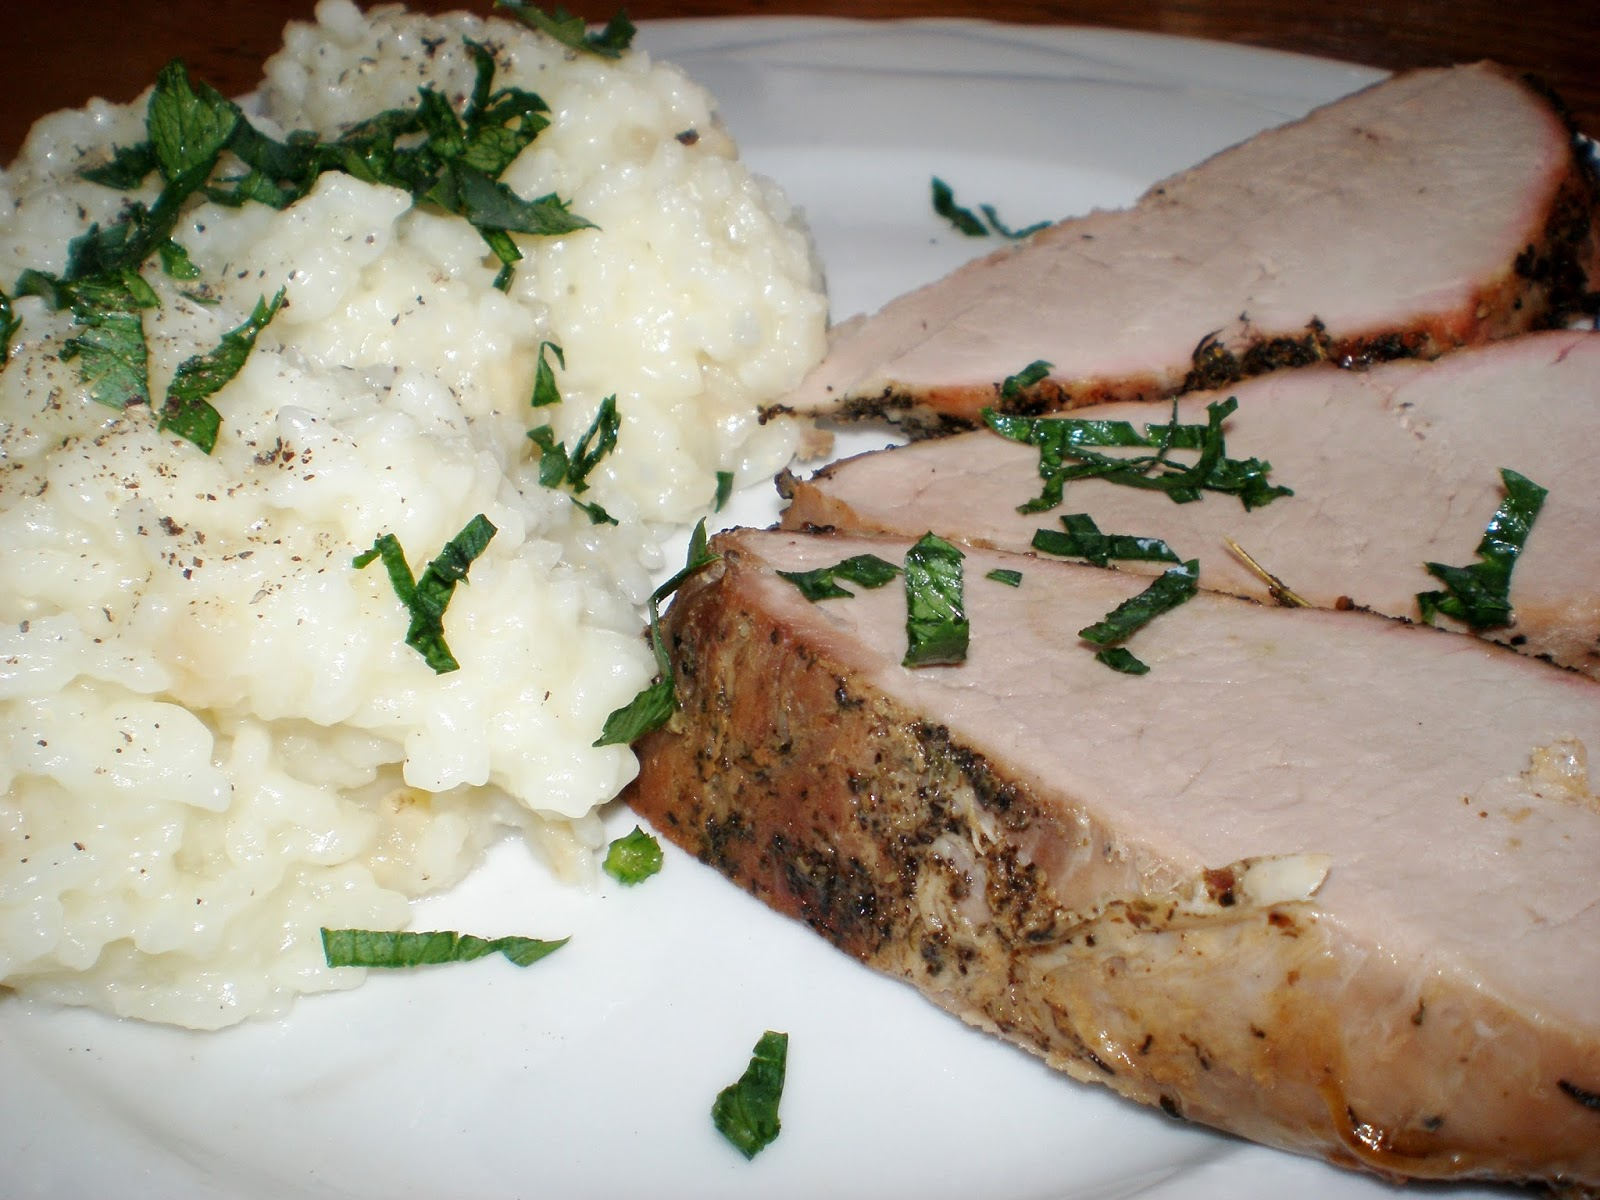 Mușchiuleț în crustă și orez cu țelină